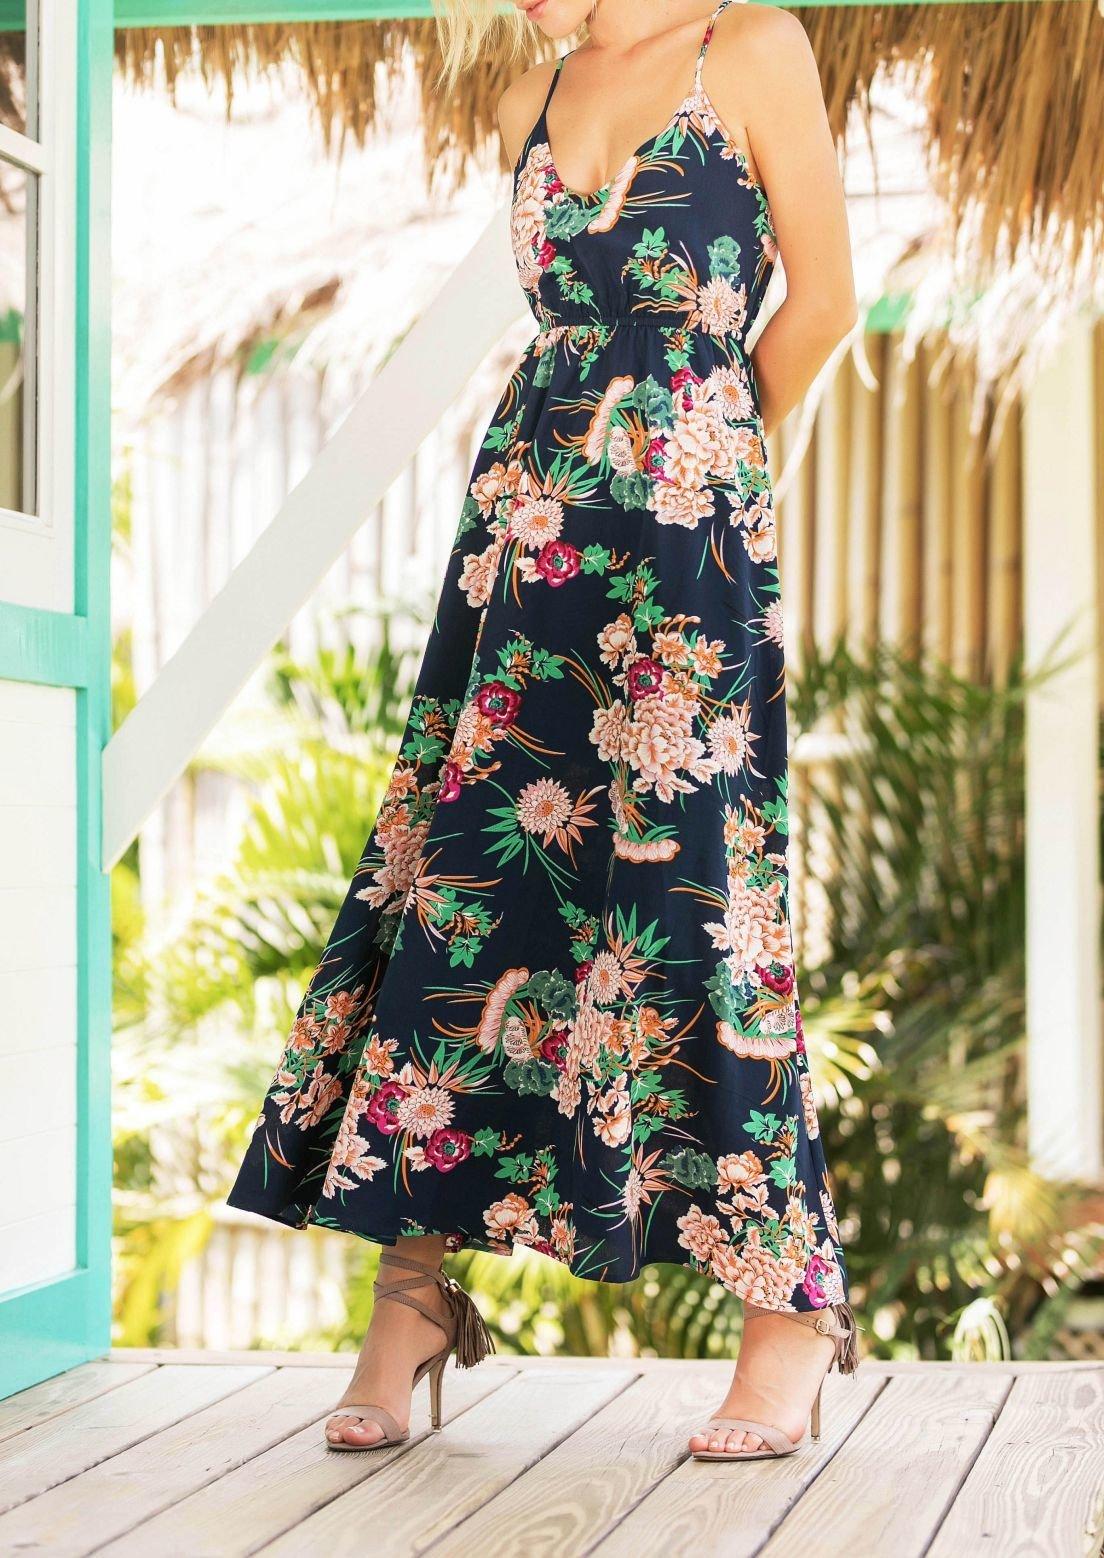 Floral Slip Dress with Full, Floaty Skirt